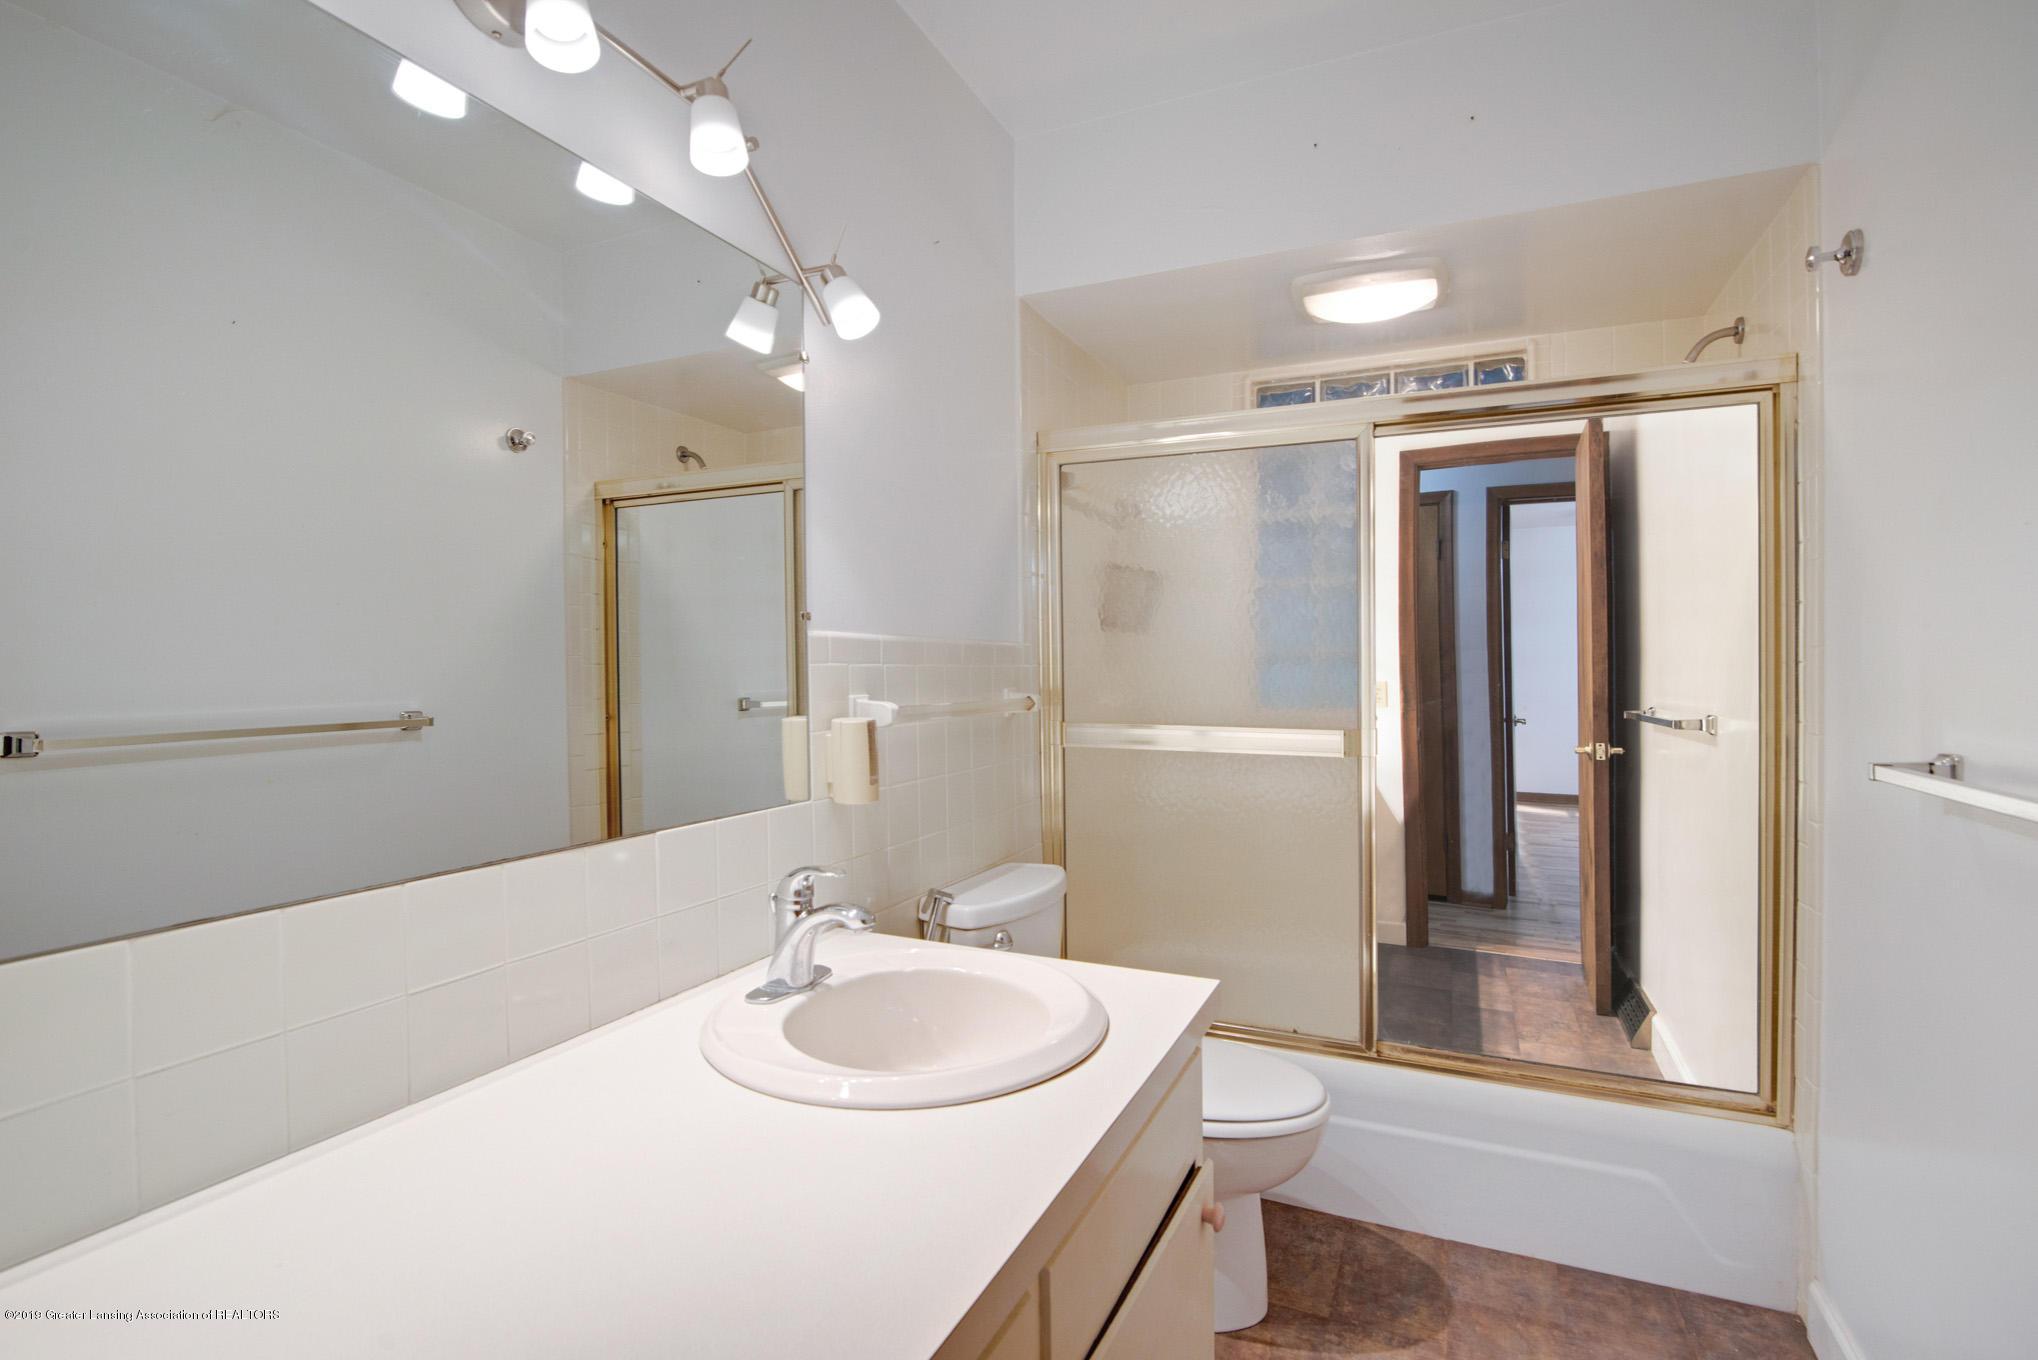 1237 Daisy Ln - Bathroom - 10